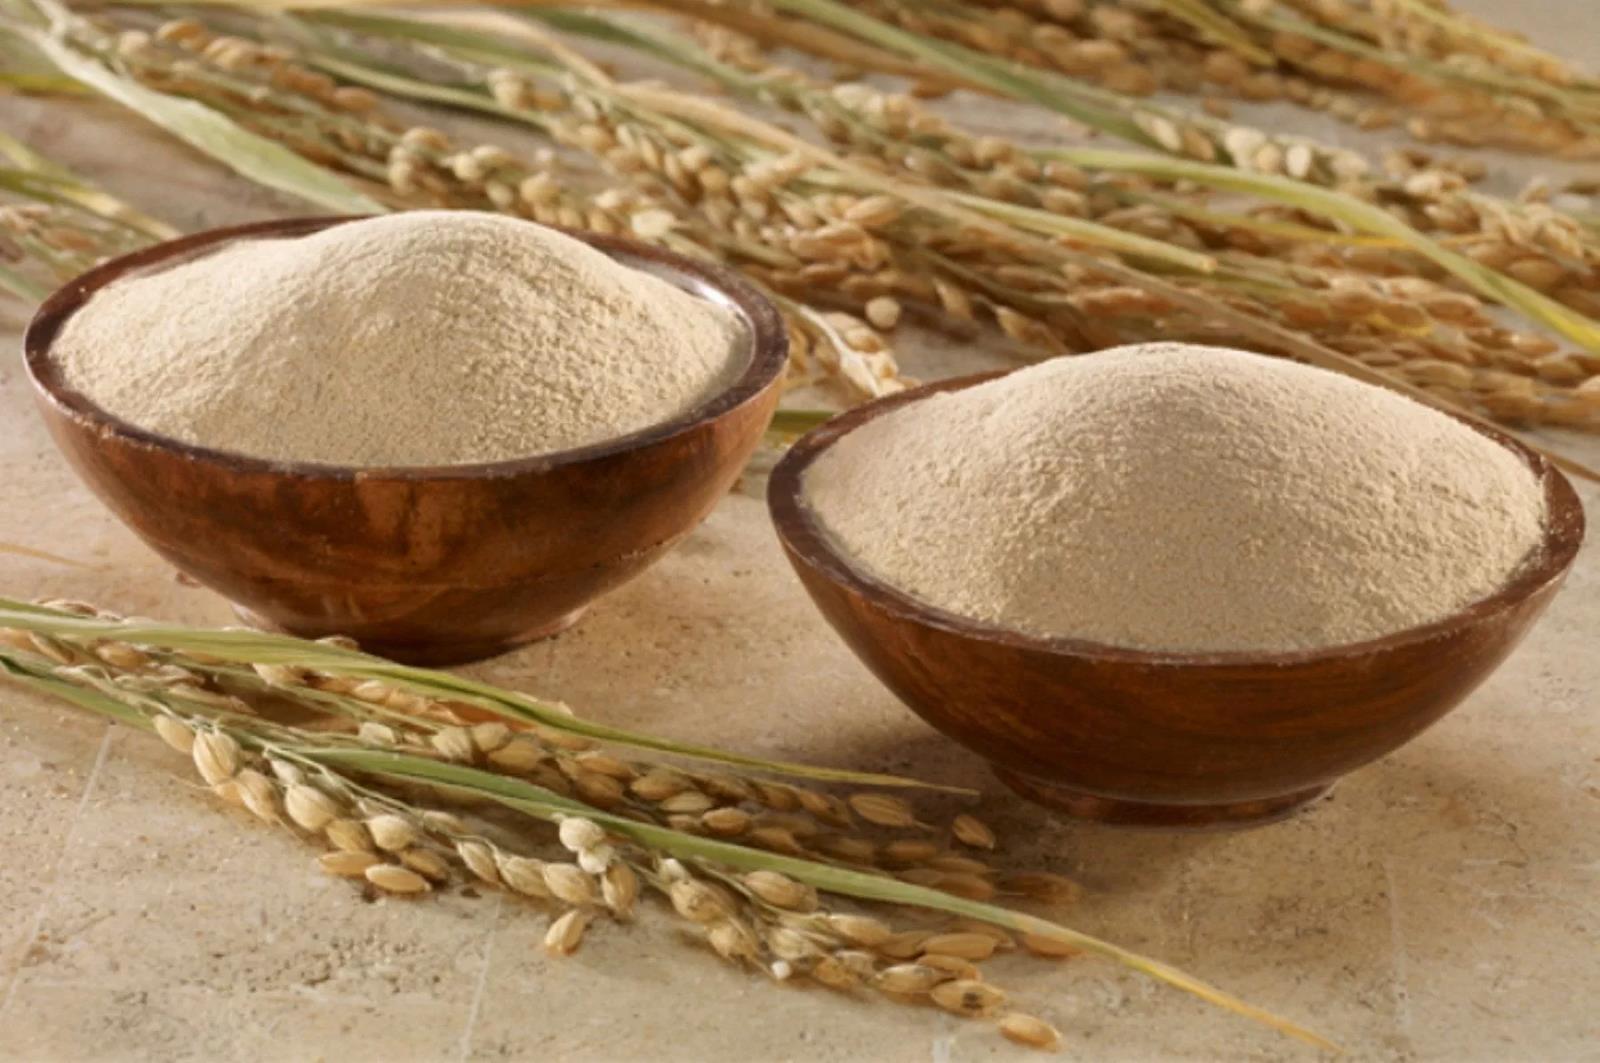 Cách làm đẹp bằng cám gạo hiệu quả